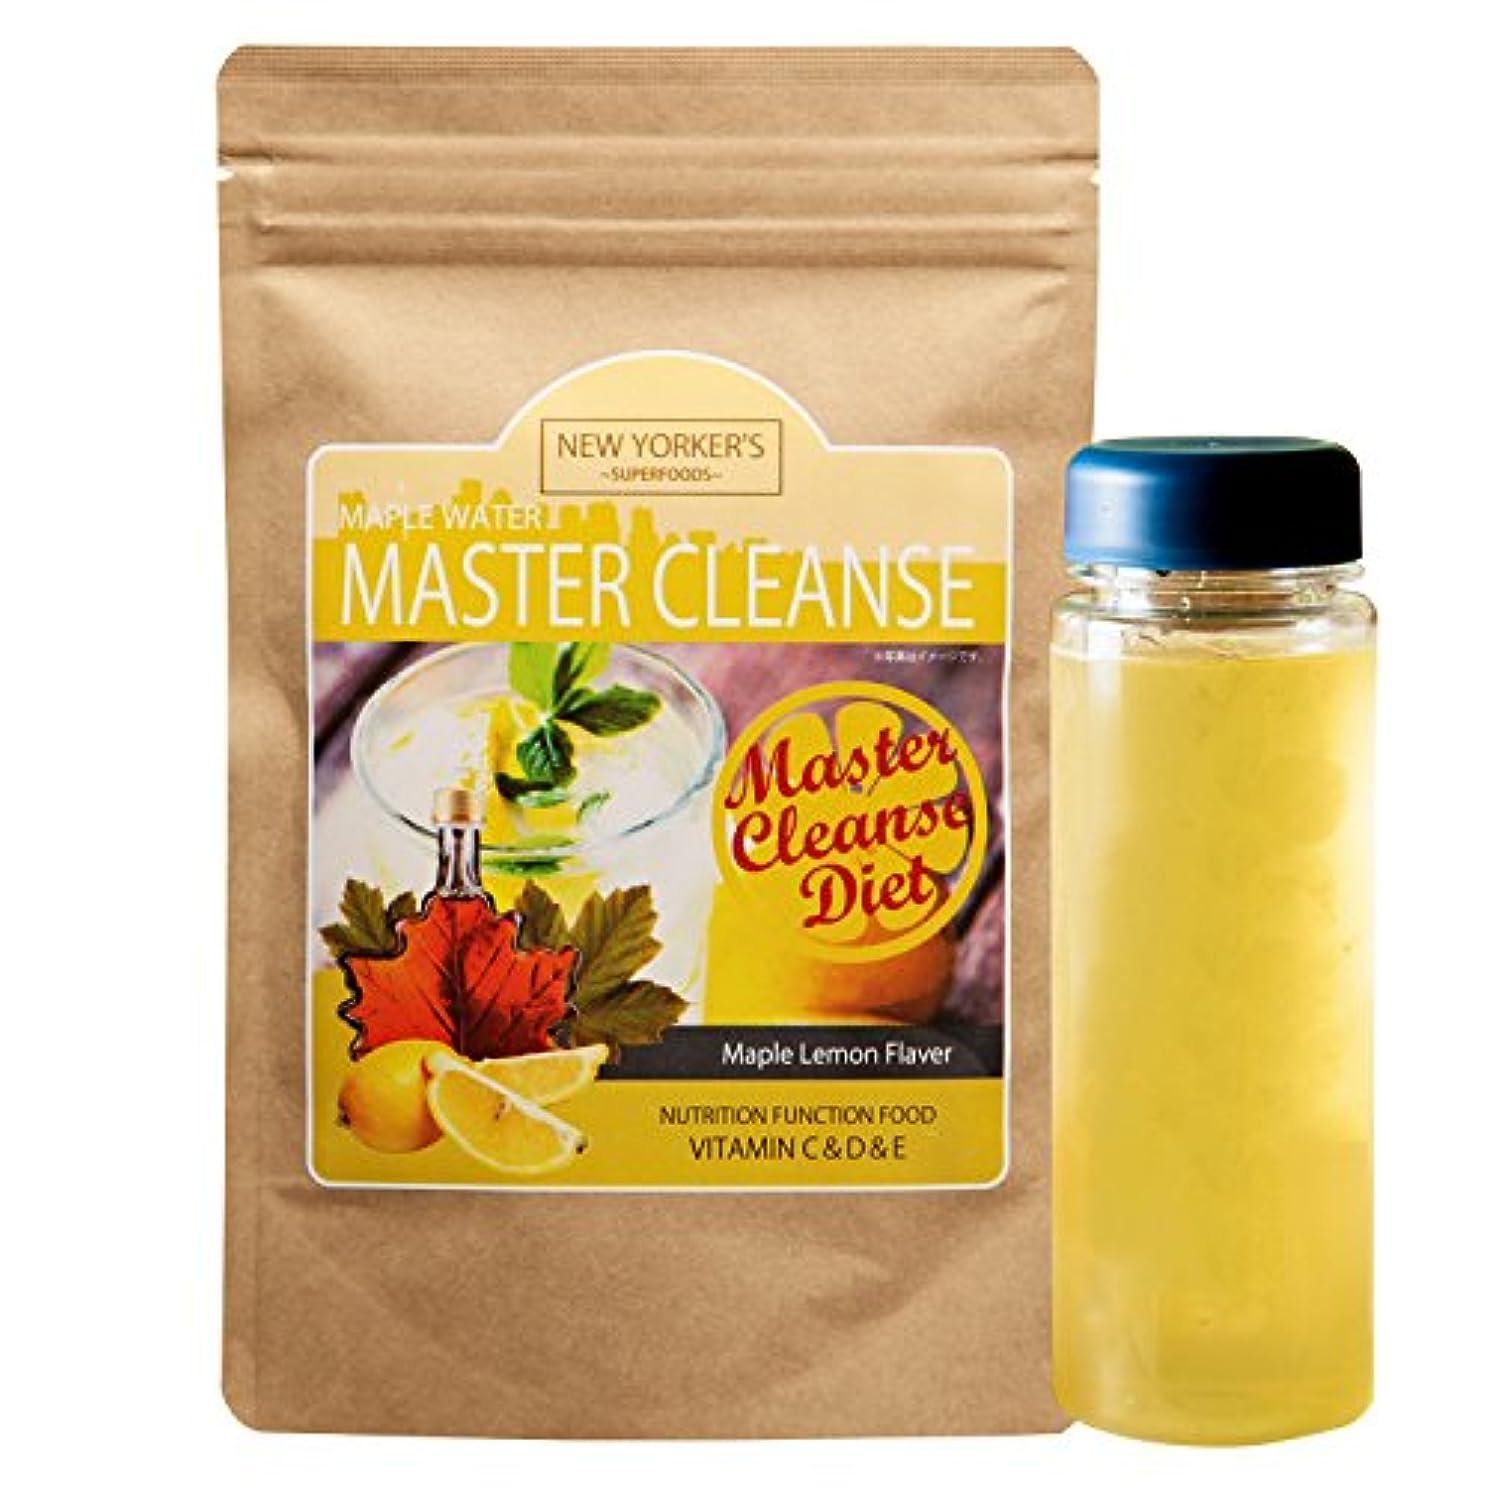 要求する感謝祭りIDEA マスタークレンズダイエット メープルレモン味 ファスティングダイエット 5g×9包